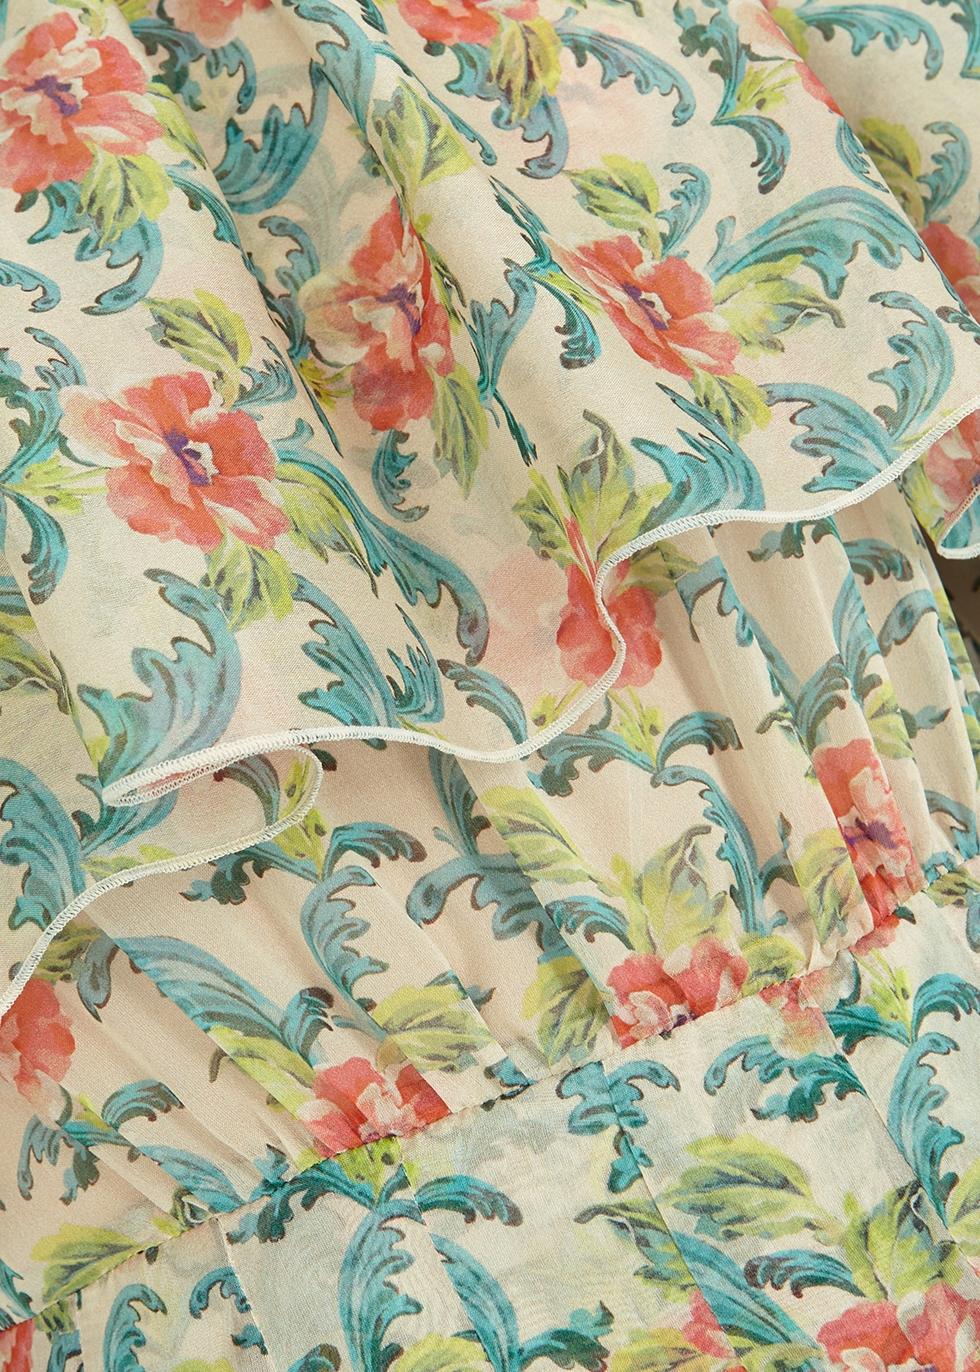 Floral-print silk-chiffon dress - Raquel Diniz